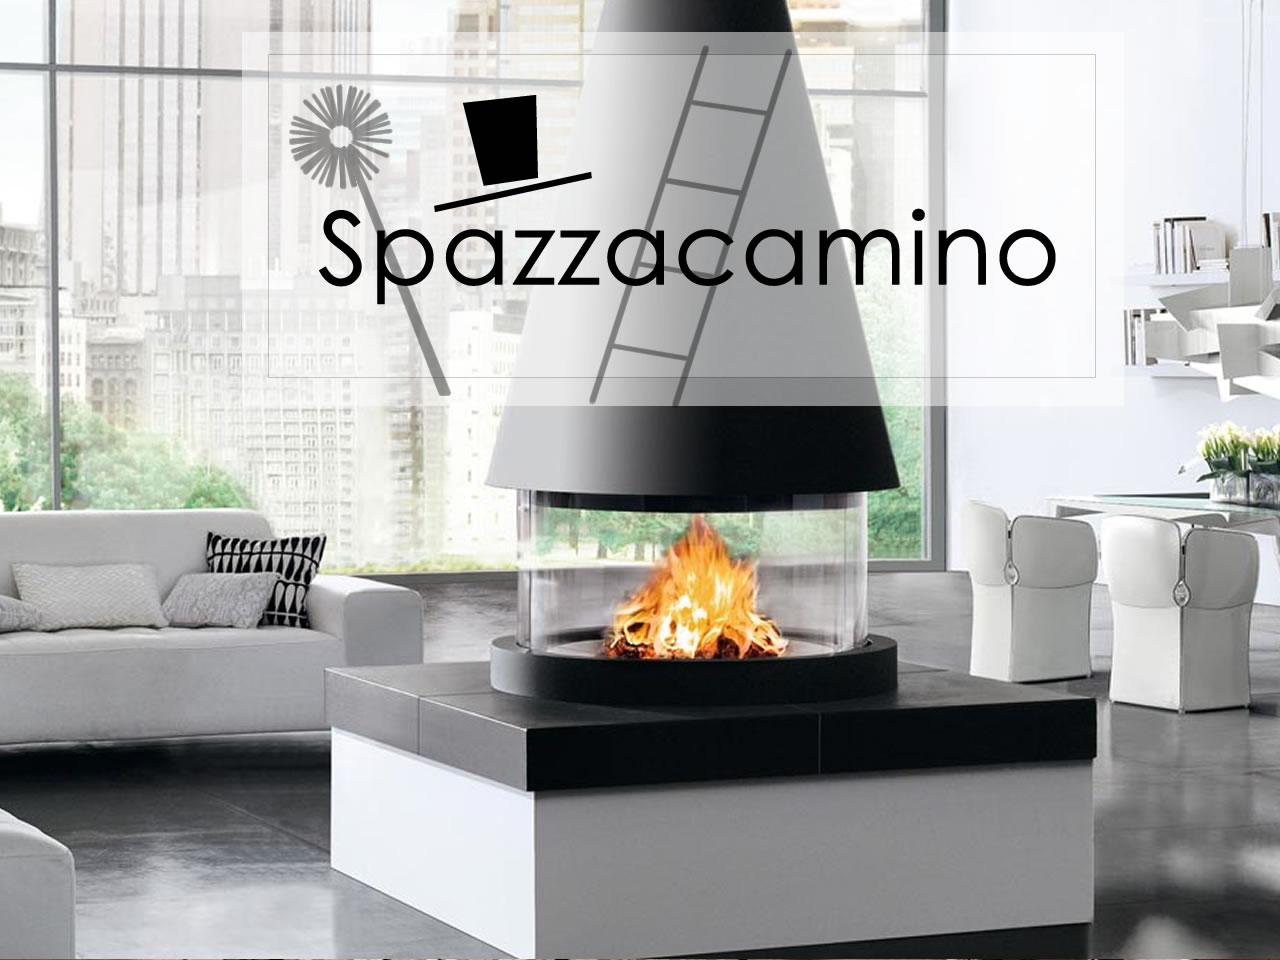 Conca Fallata Milano - Spazzacamino Spazzacamino a Conca Fallata Milano